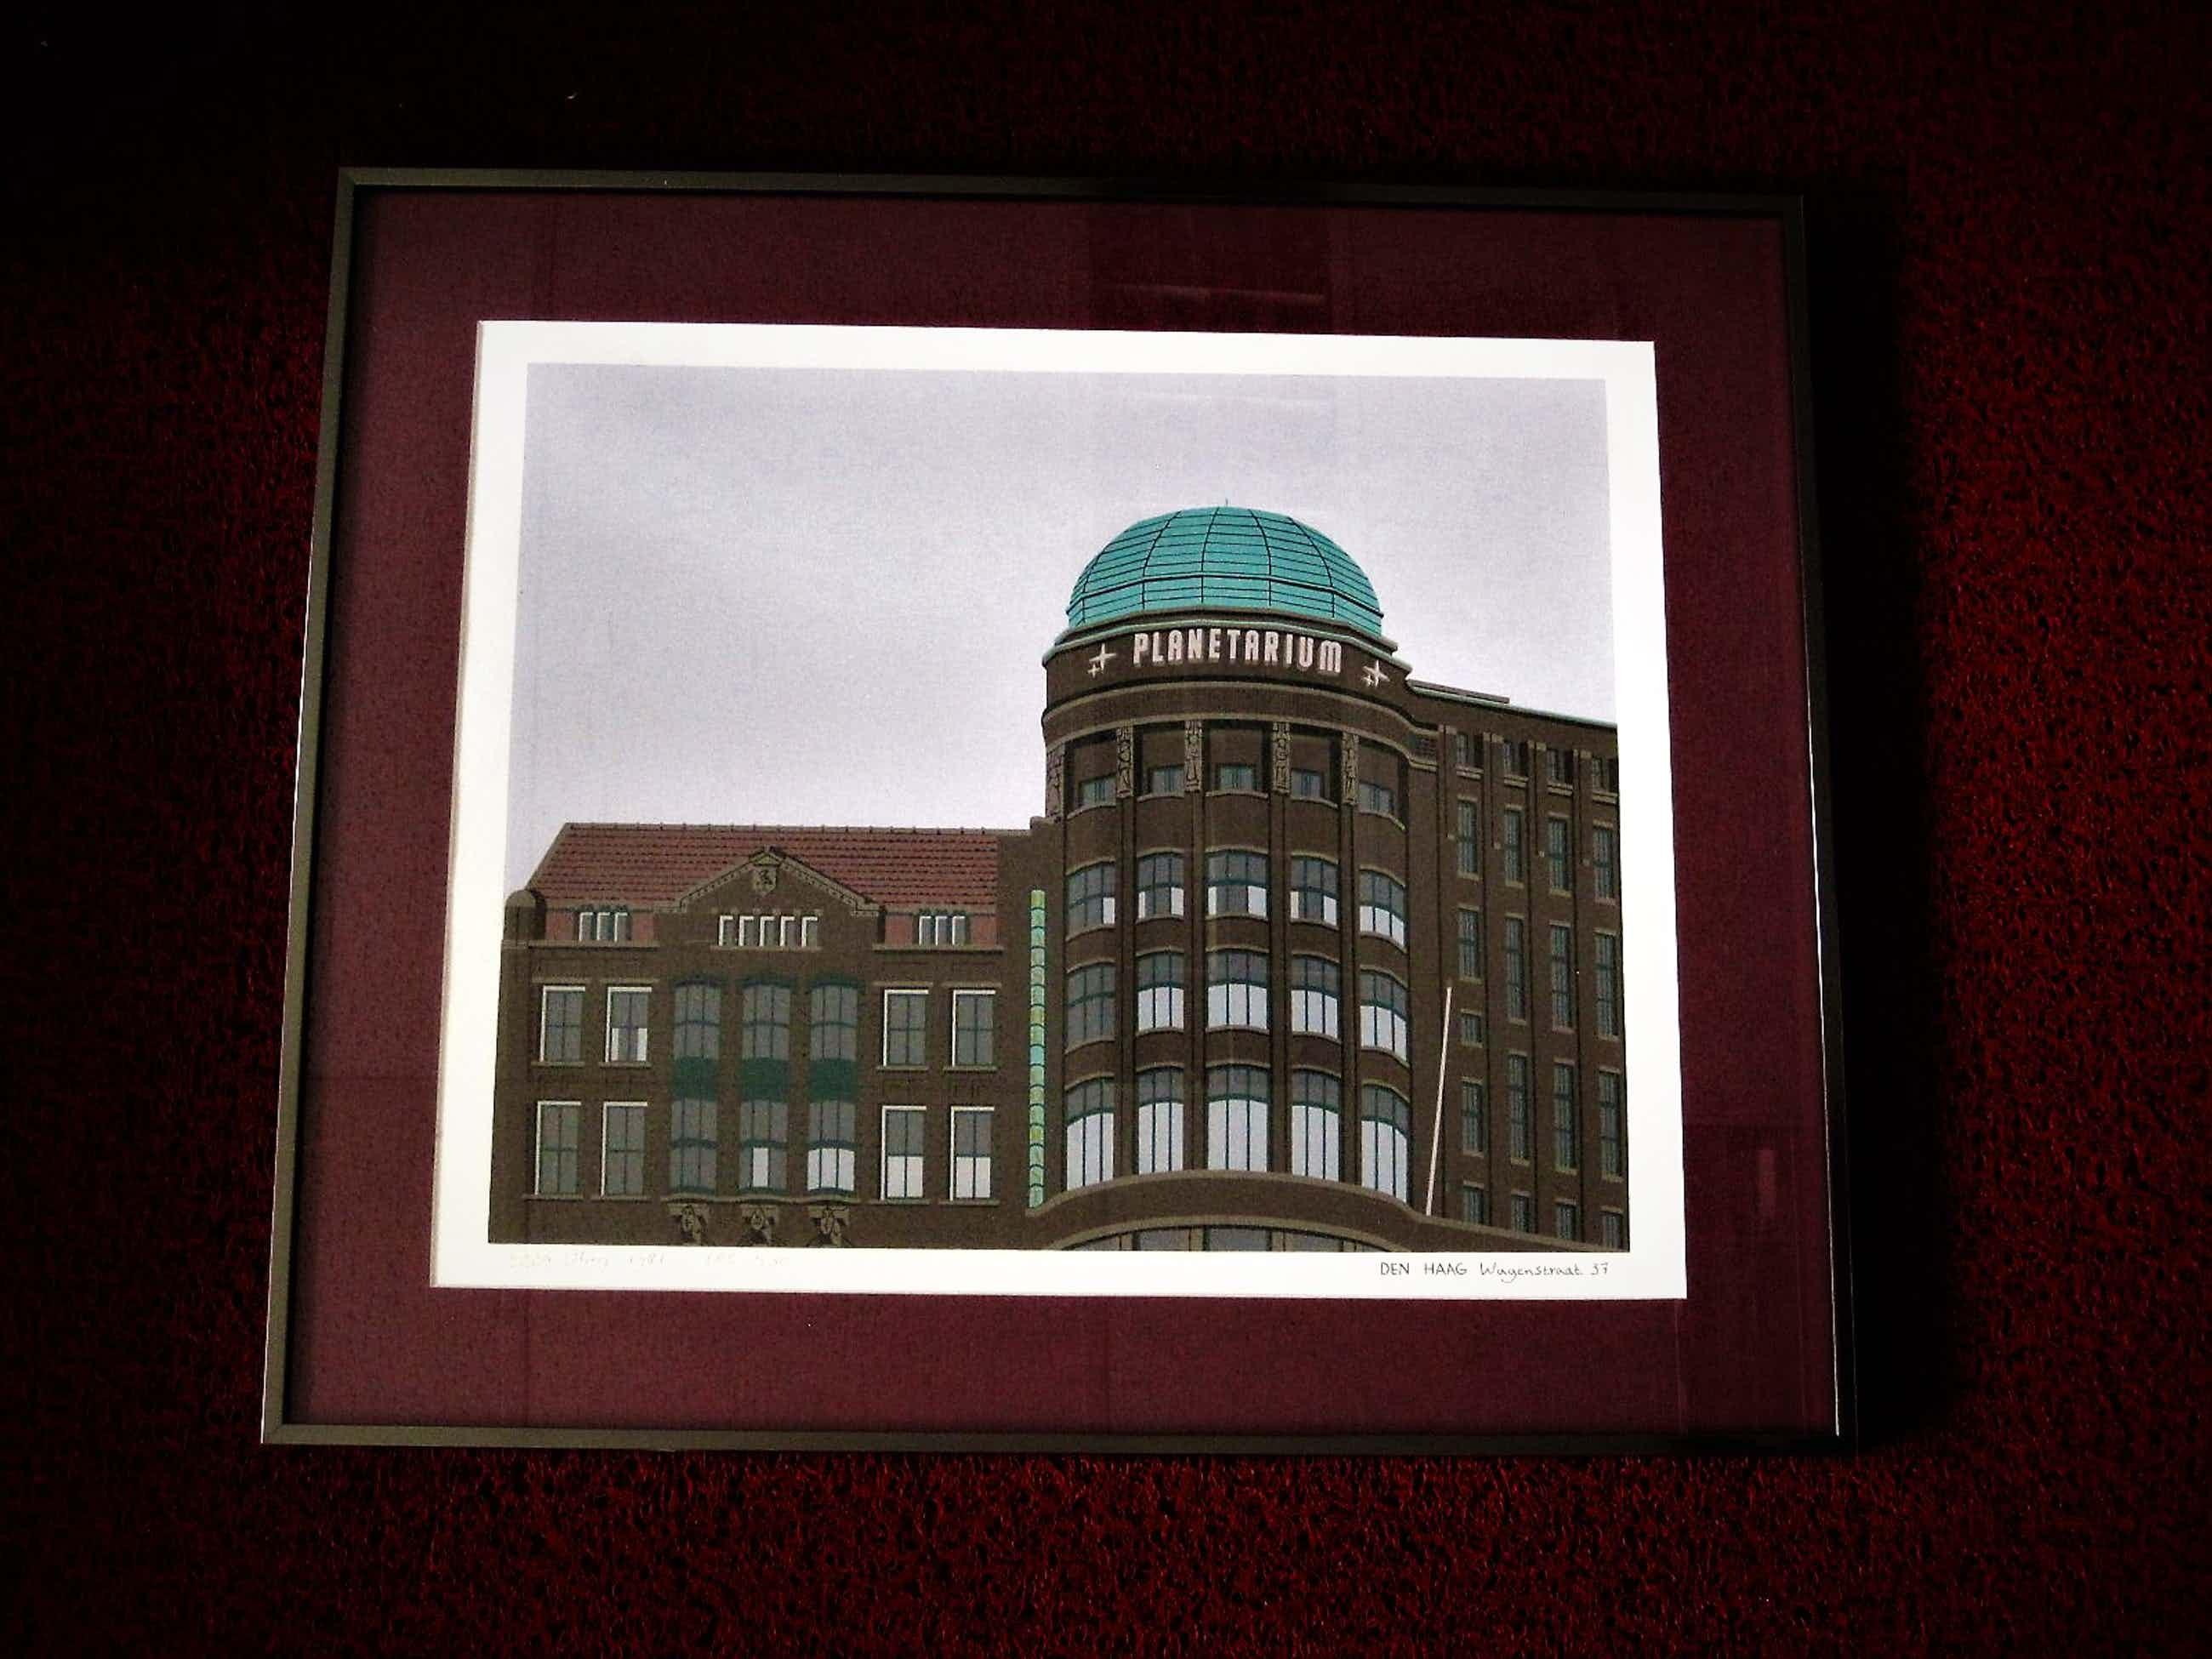 Sees Vlag - Fraaie Zeefdruk 's Gravenhage Planetarium Haagse Courant gebouw - gesigneerd kopen? Bied vanaf 60!